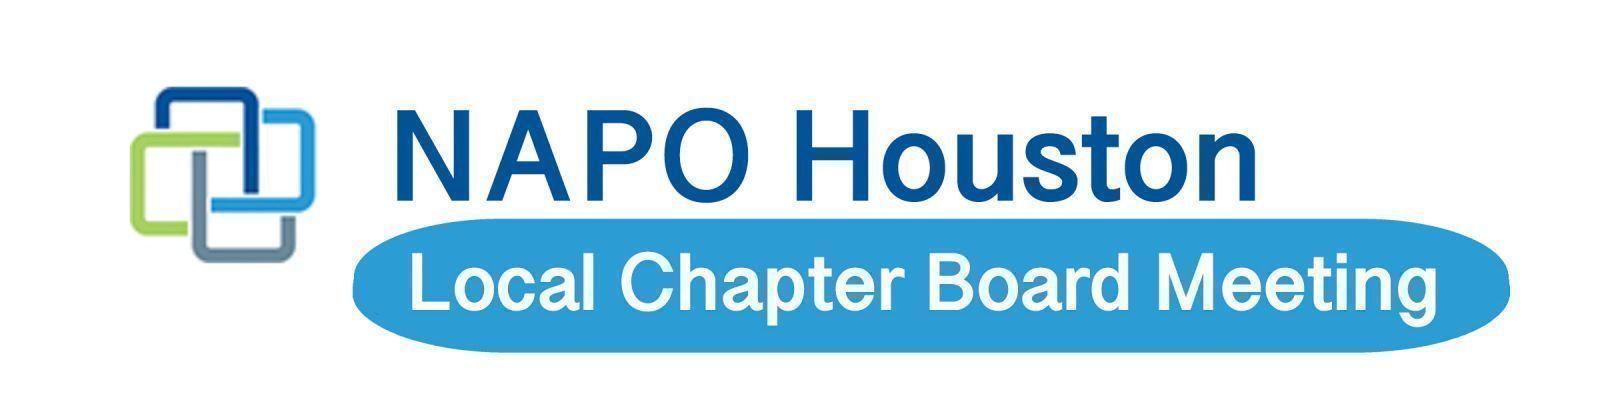 Board Meeting   NAPO Houston